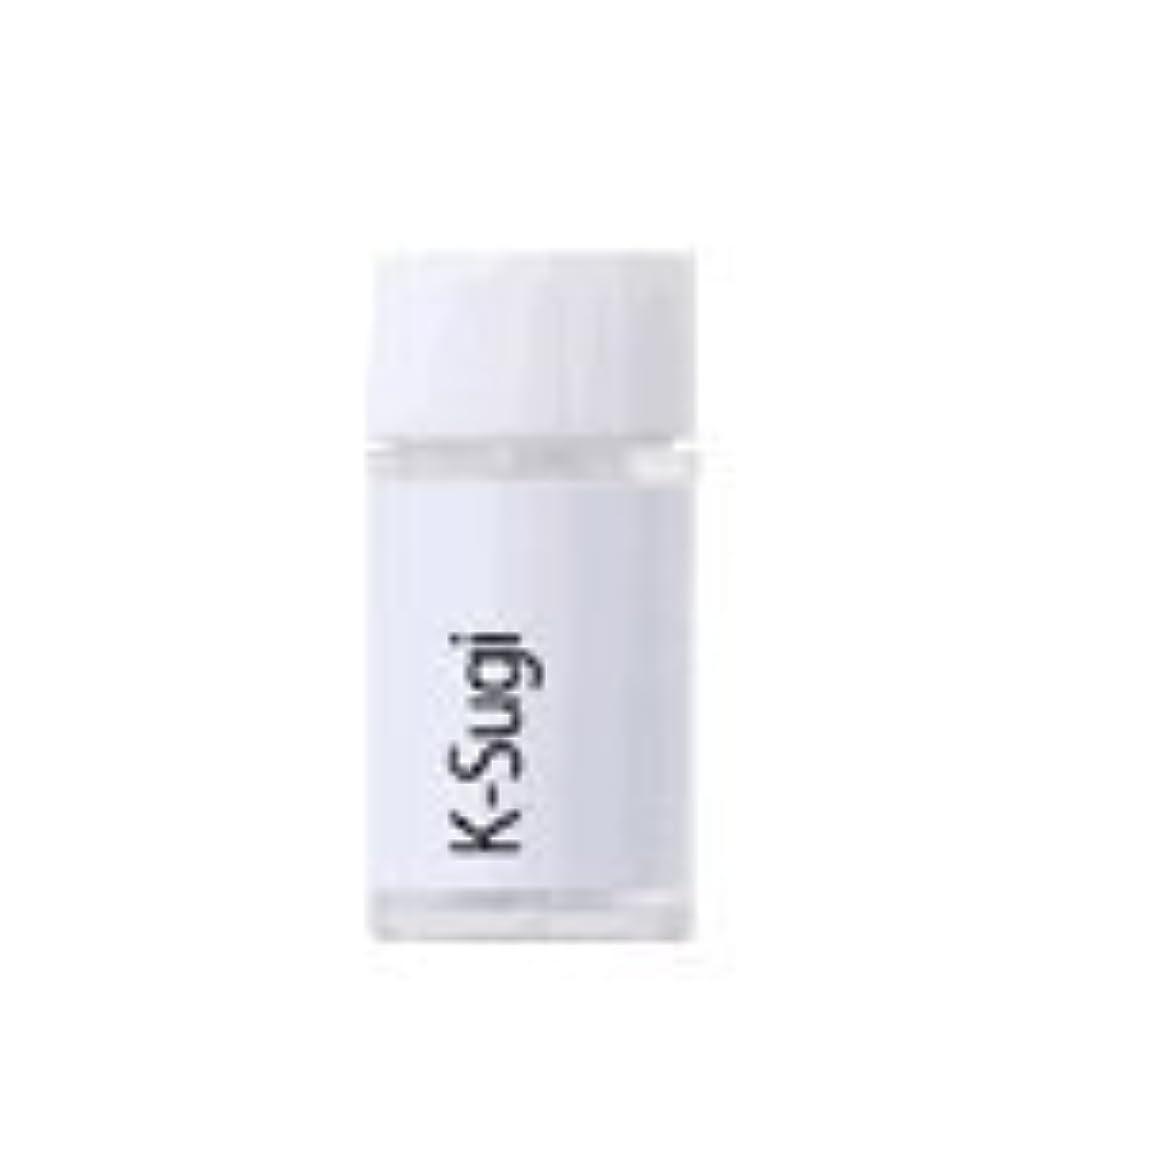 ギャンブルアプト砂漠Kシリーズ レメディー 単品 (小ビン(1.5g/約30粒), K-Sugi)